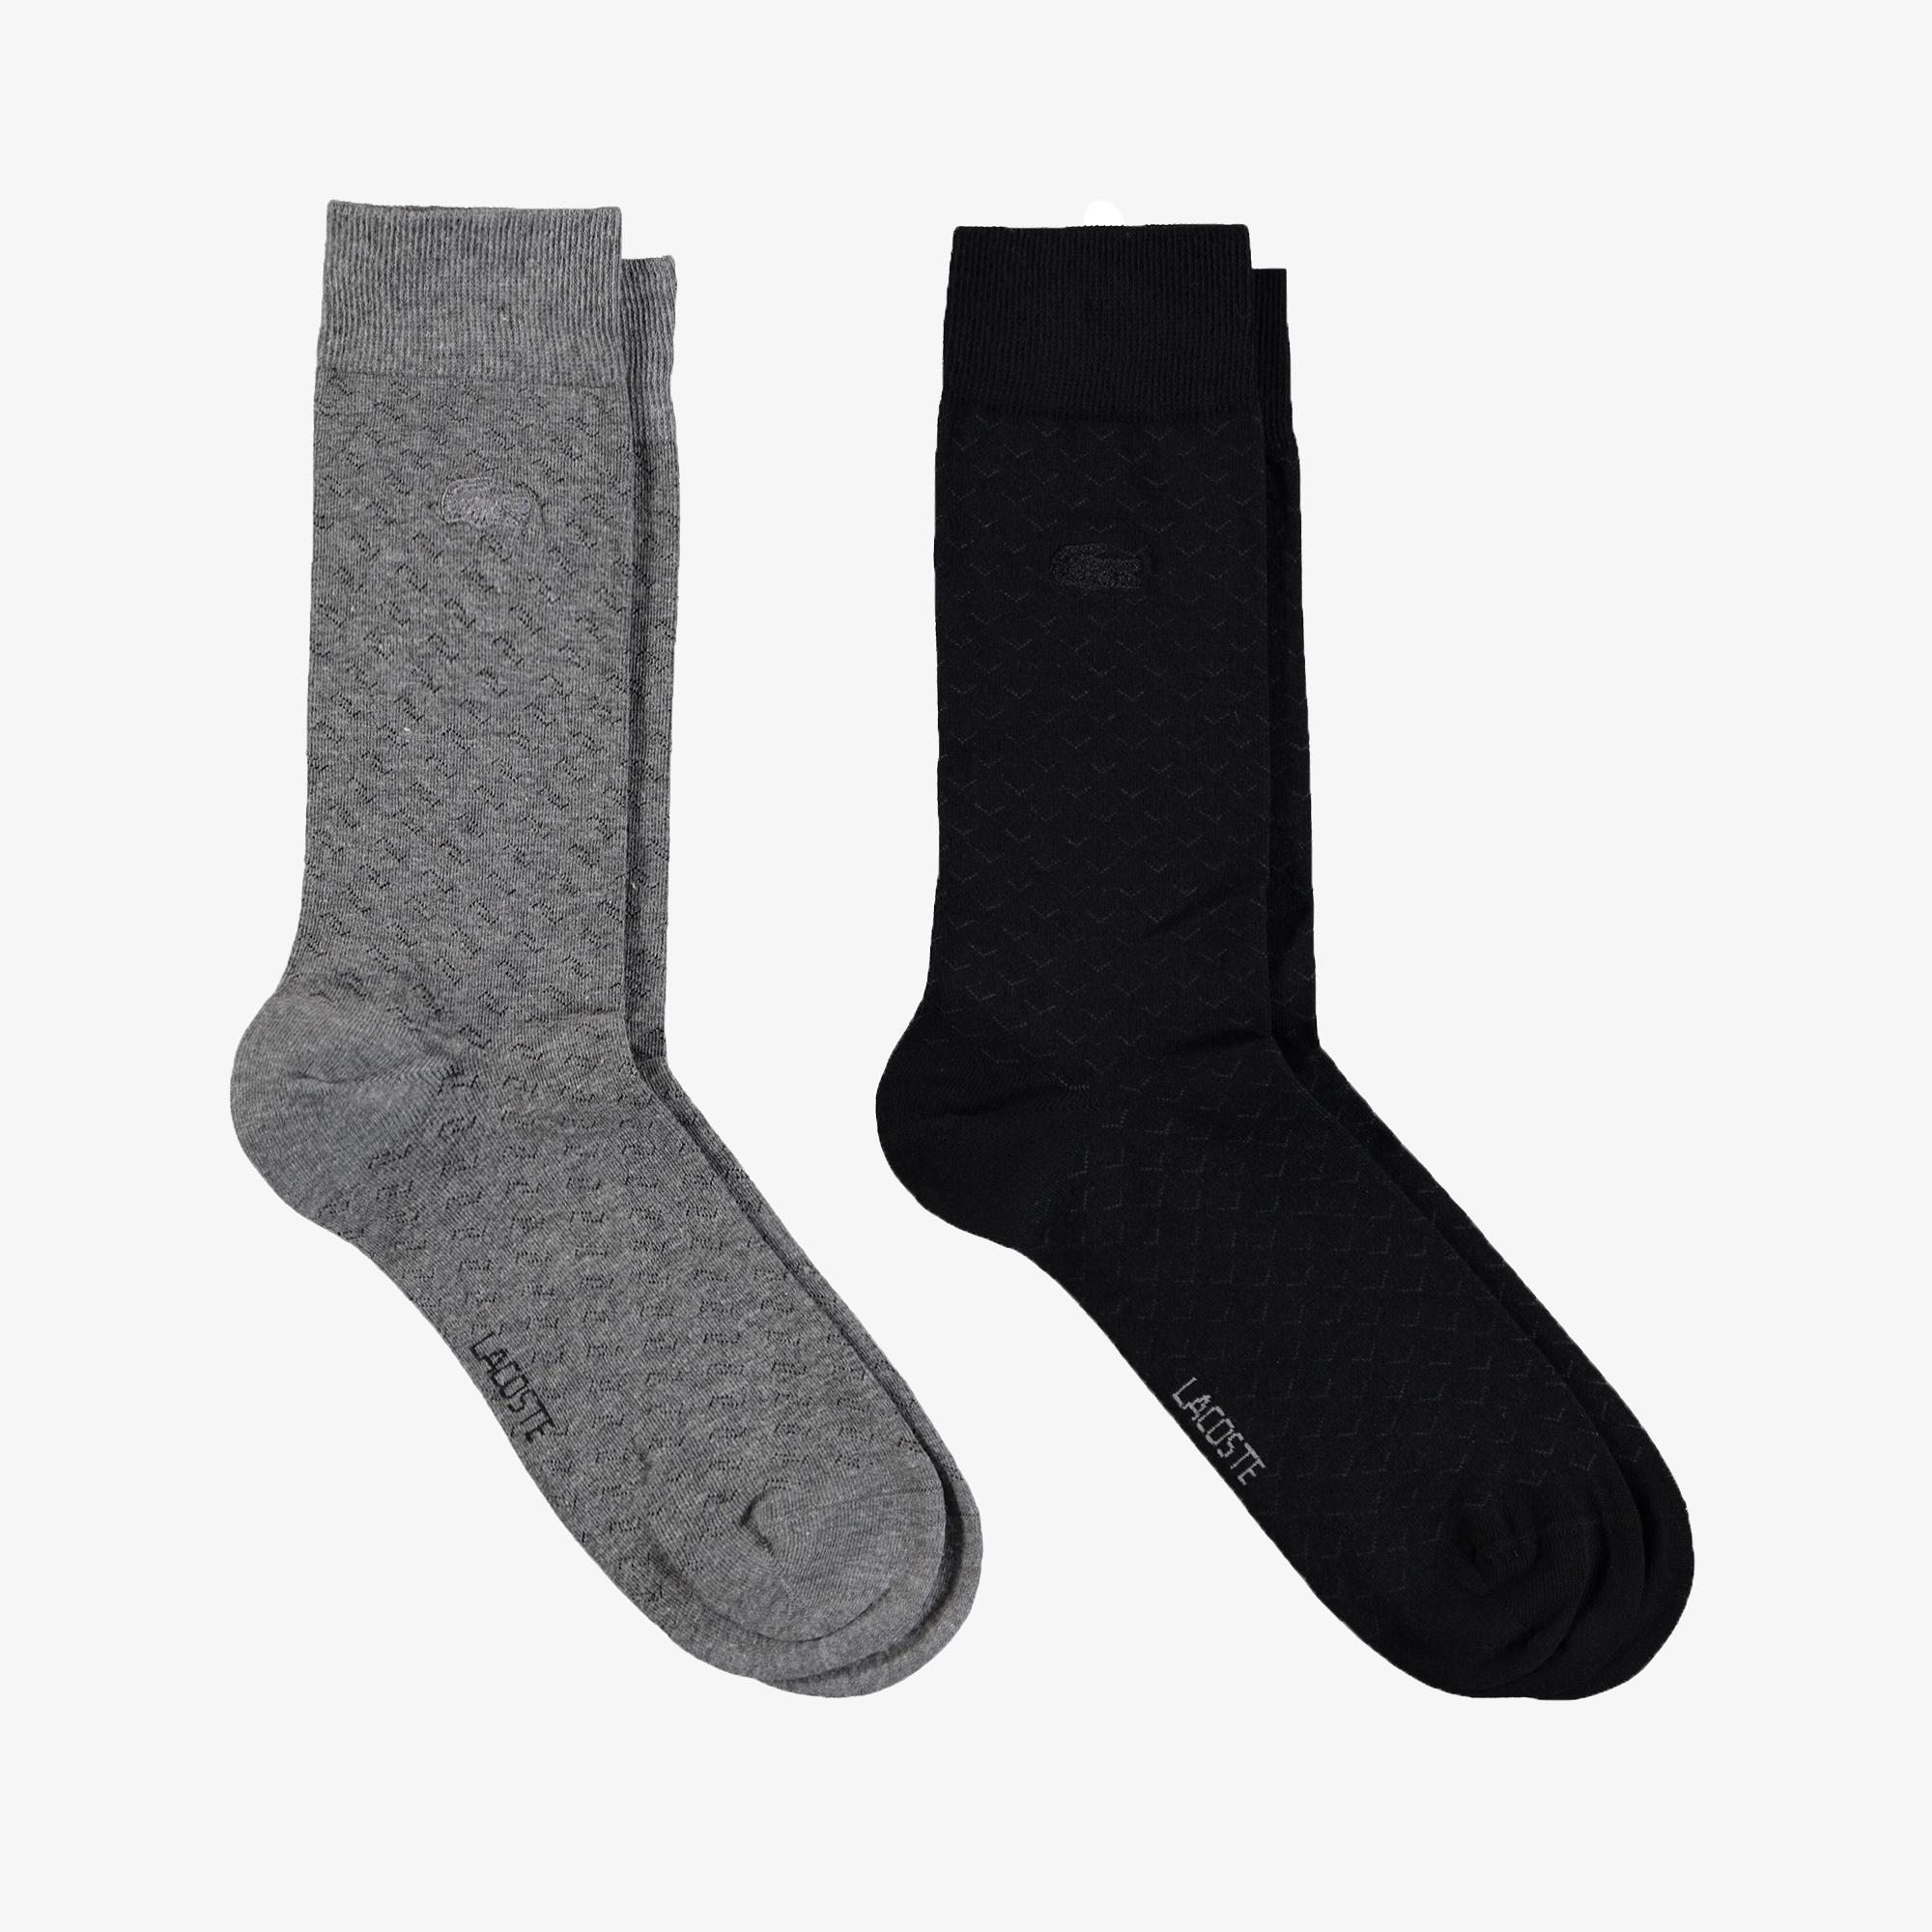 Lacoste Unisex Uzun Desenli Gri - Siyah Çorap